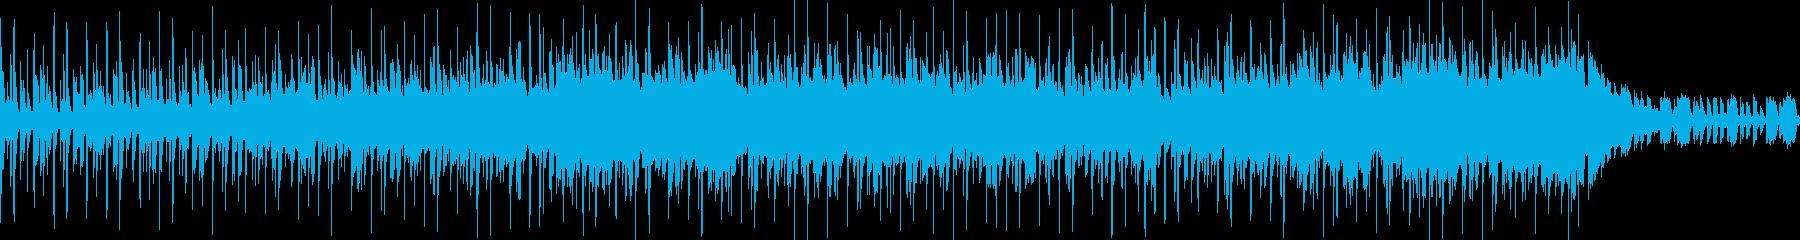 スローで不安な雰囲気のループ曲。ゲーム…の再生済みの波形